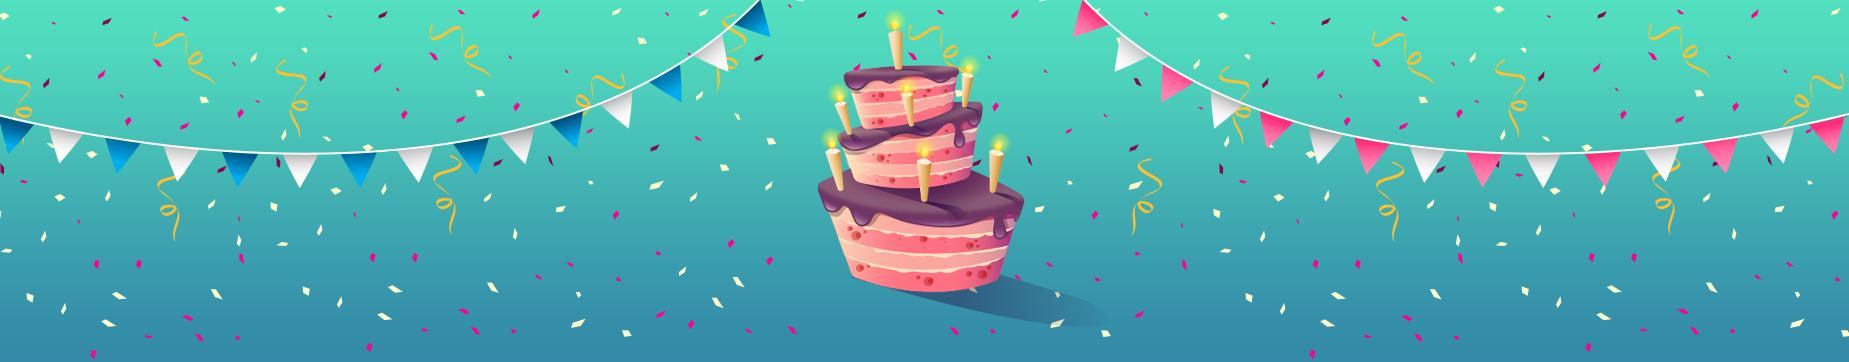 Feliz cumpleaños a nosotros